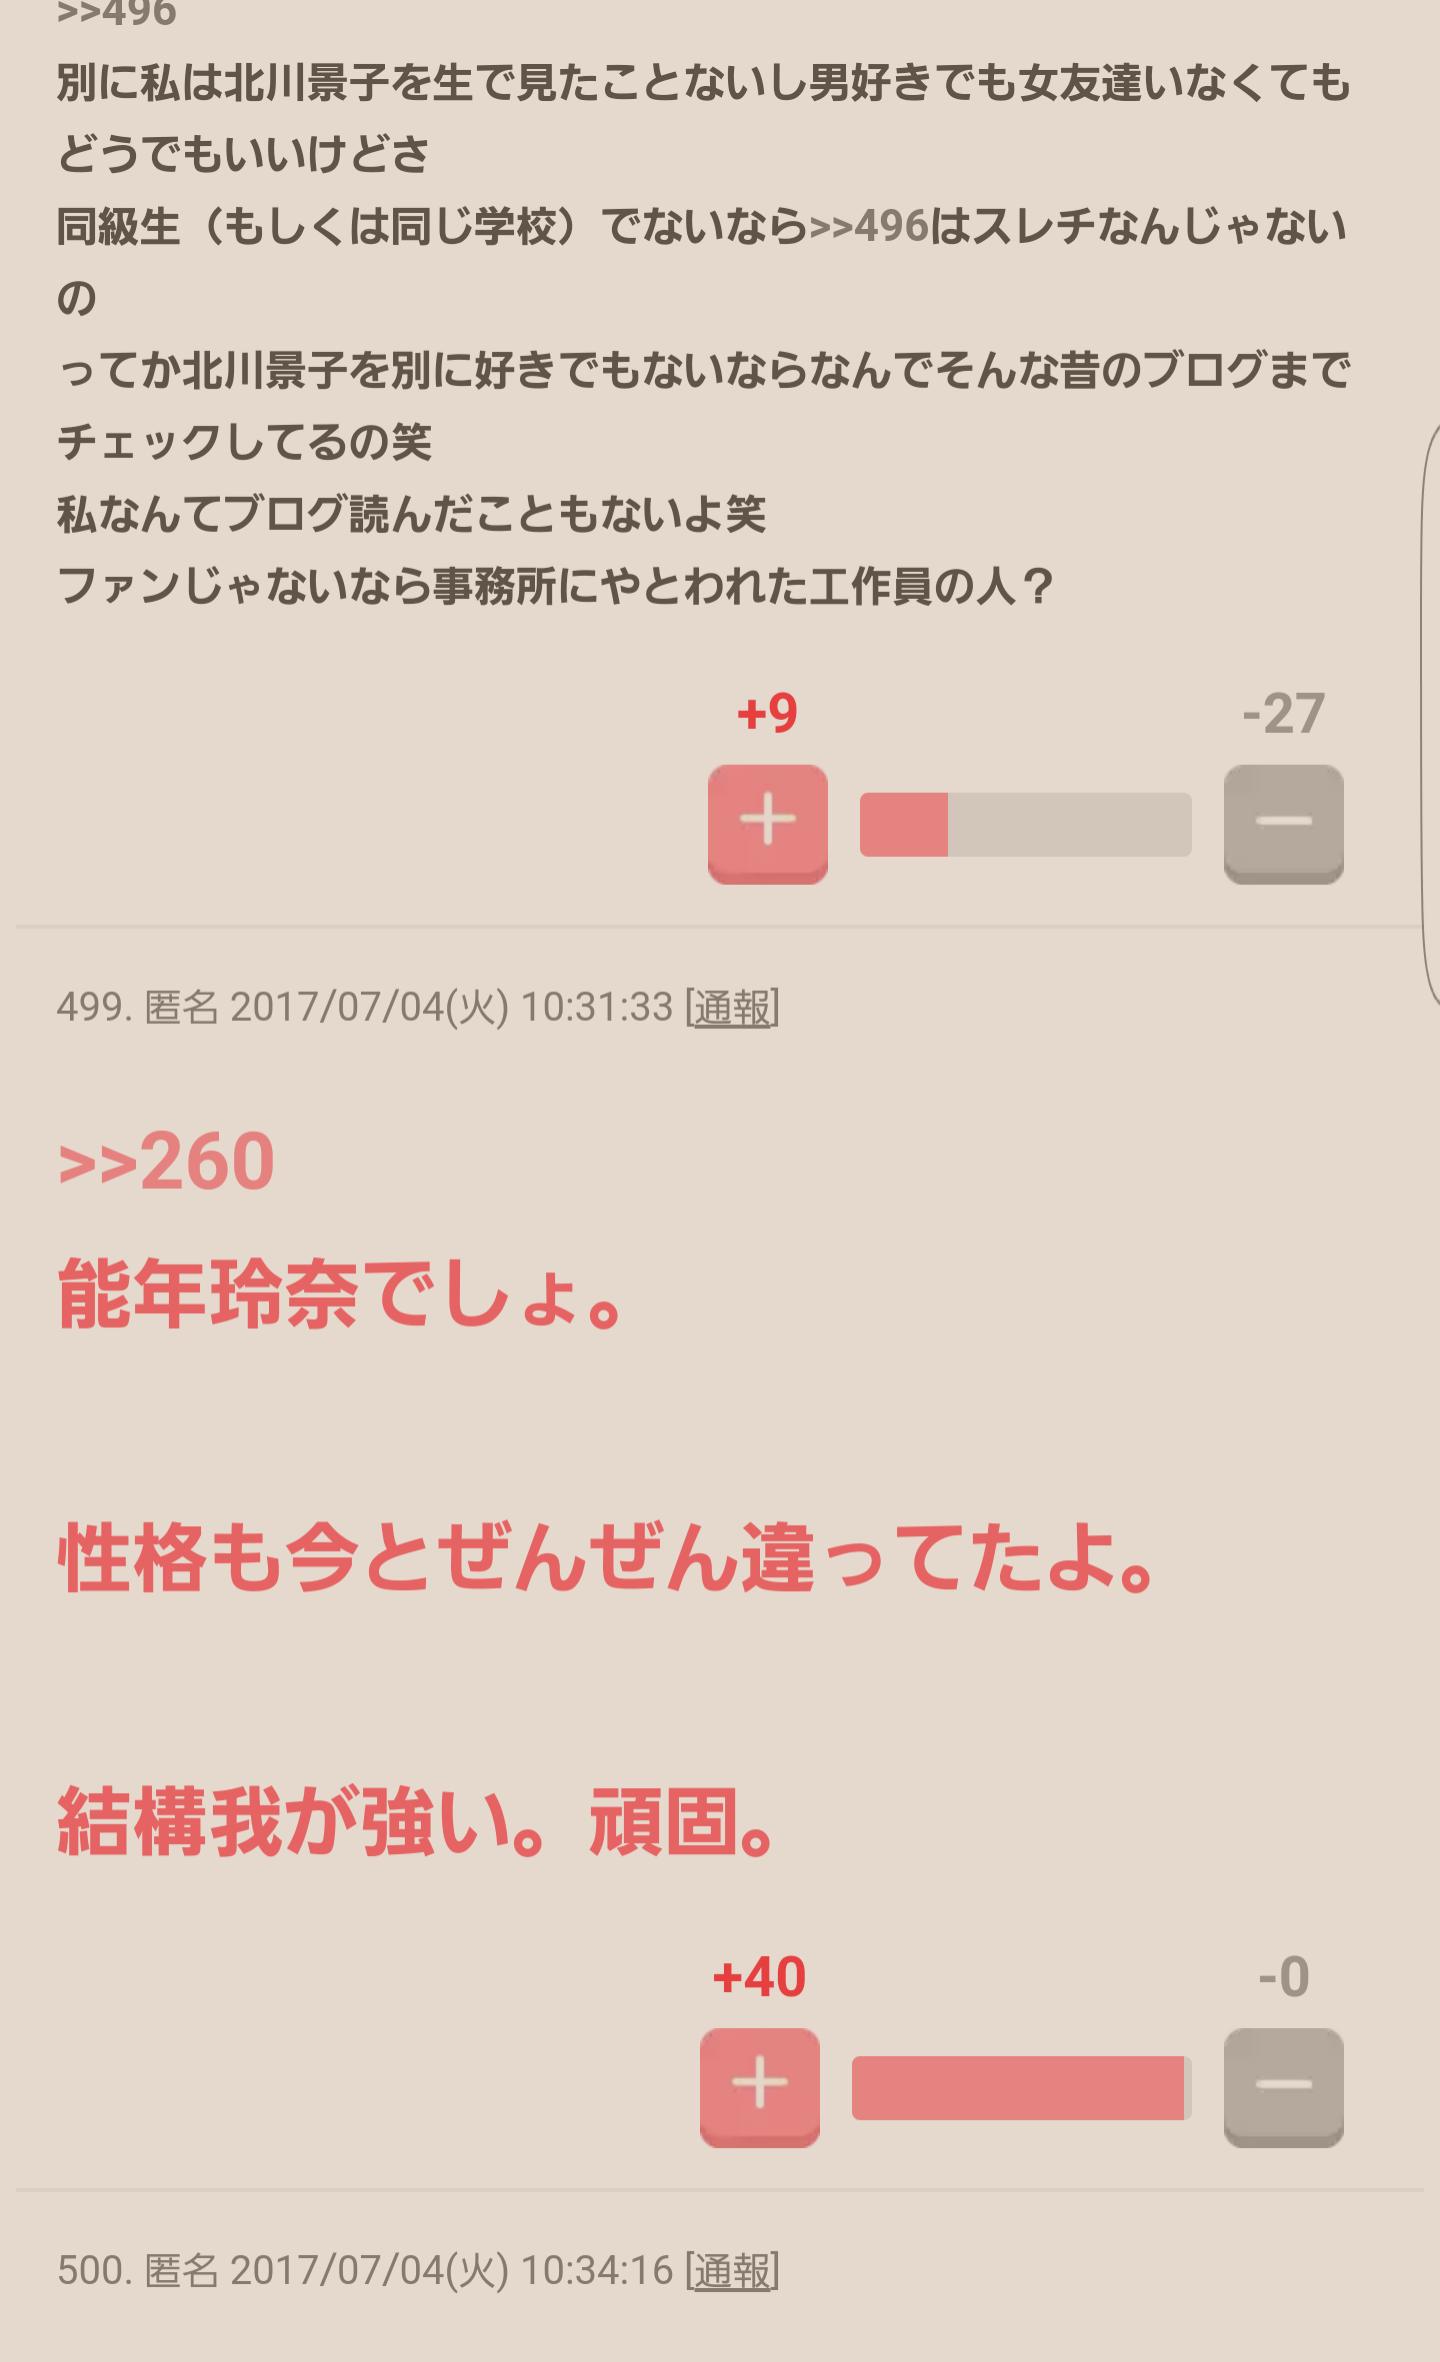 のん・蒼井優・ユーミン・桃井かおりの異色ショット